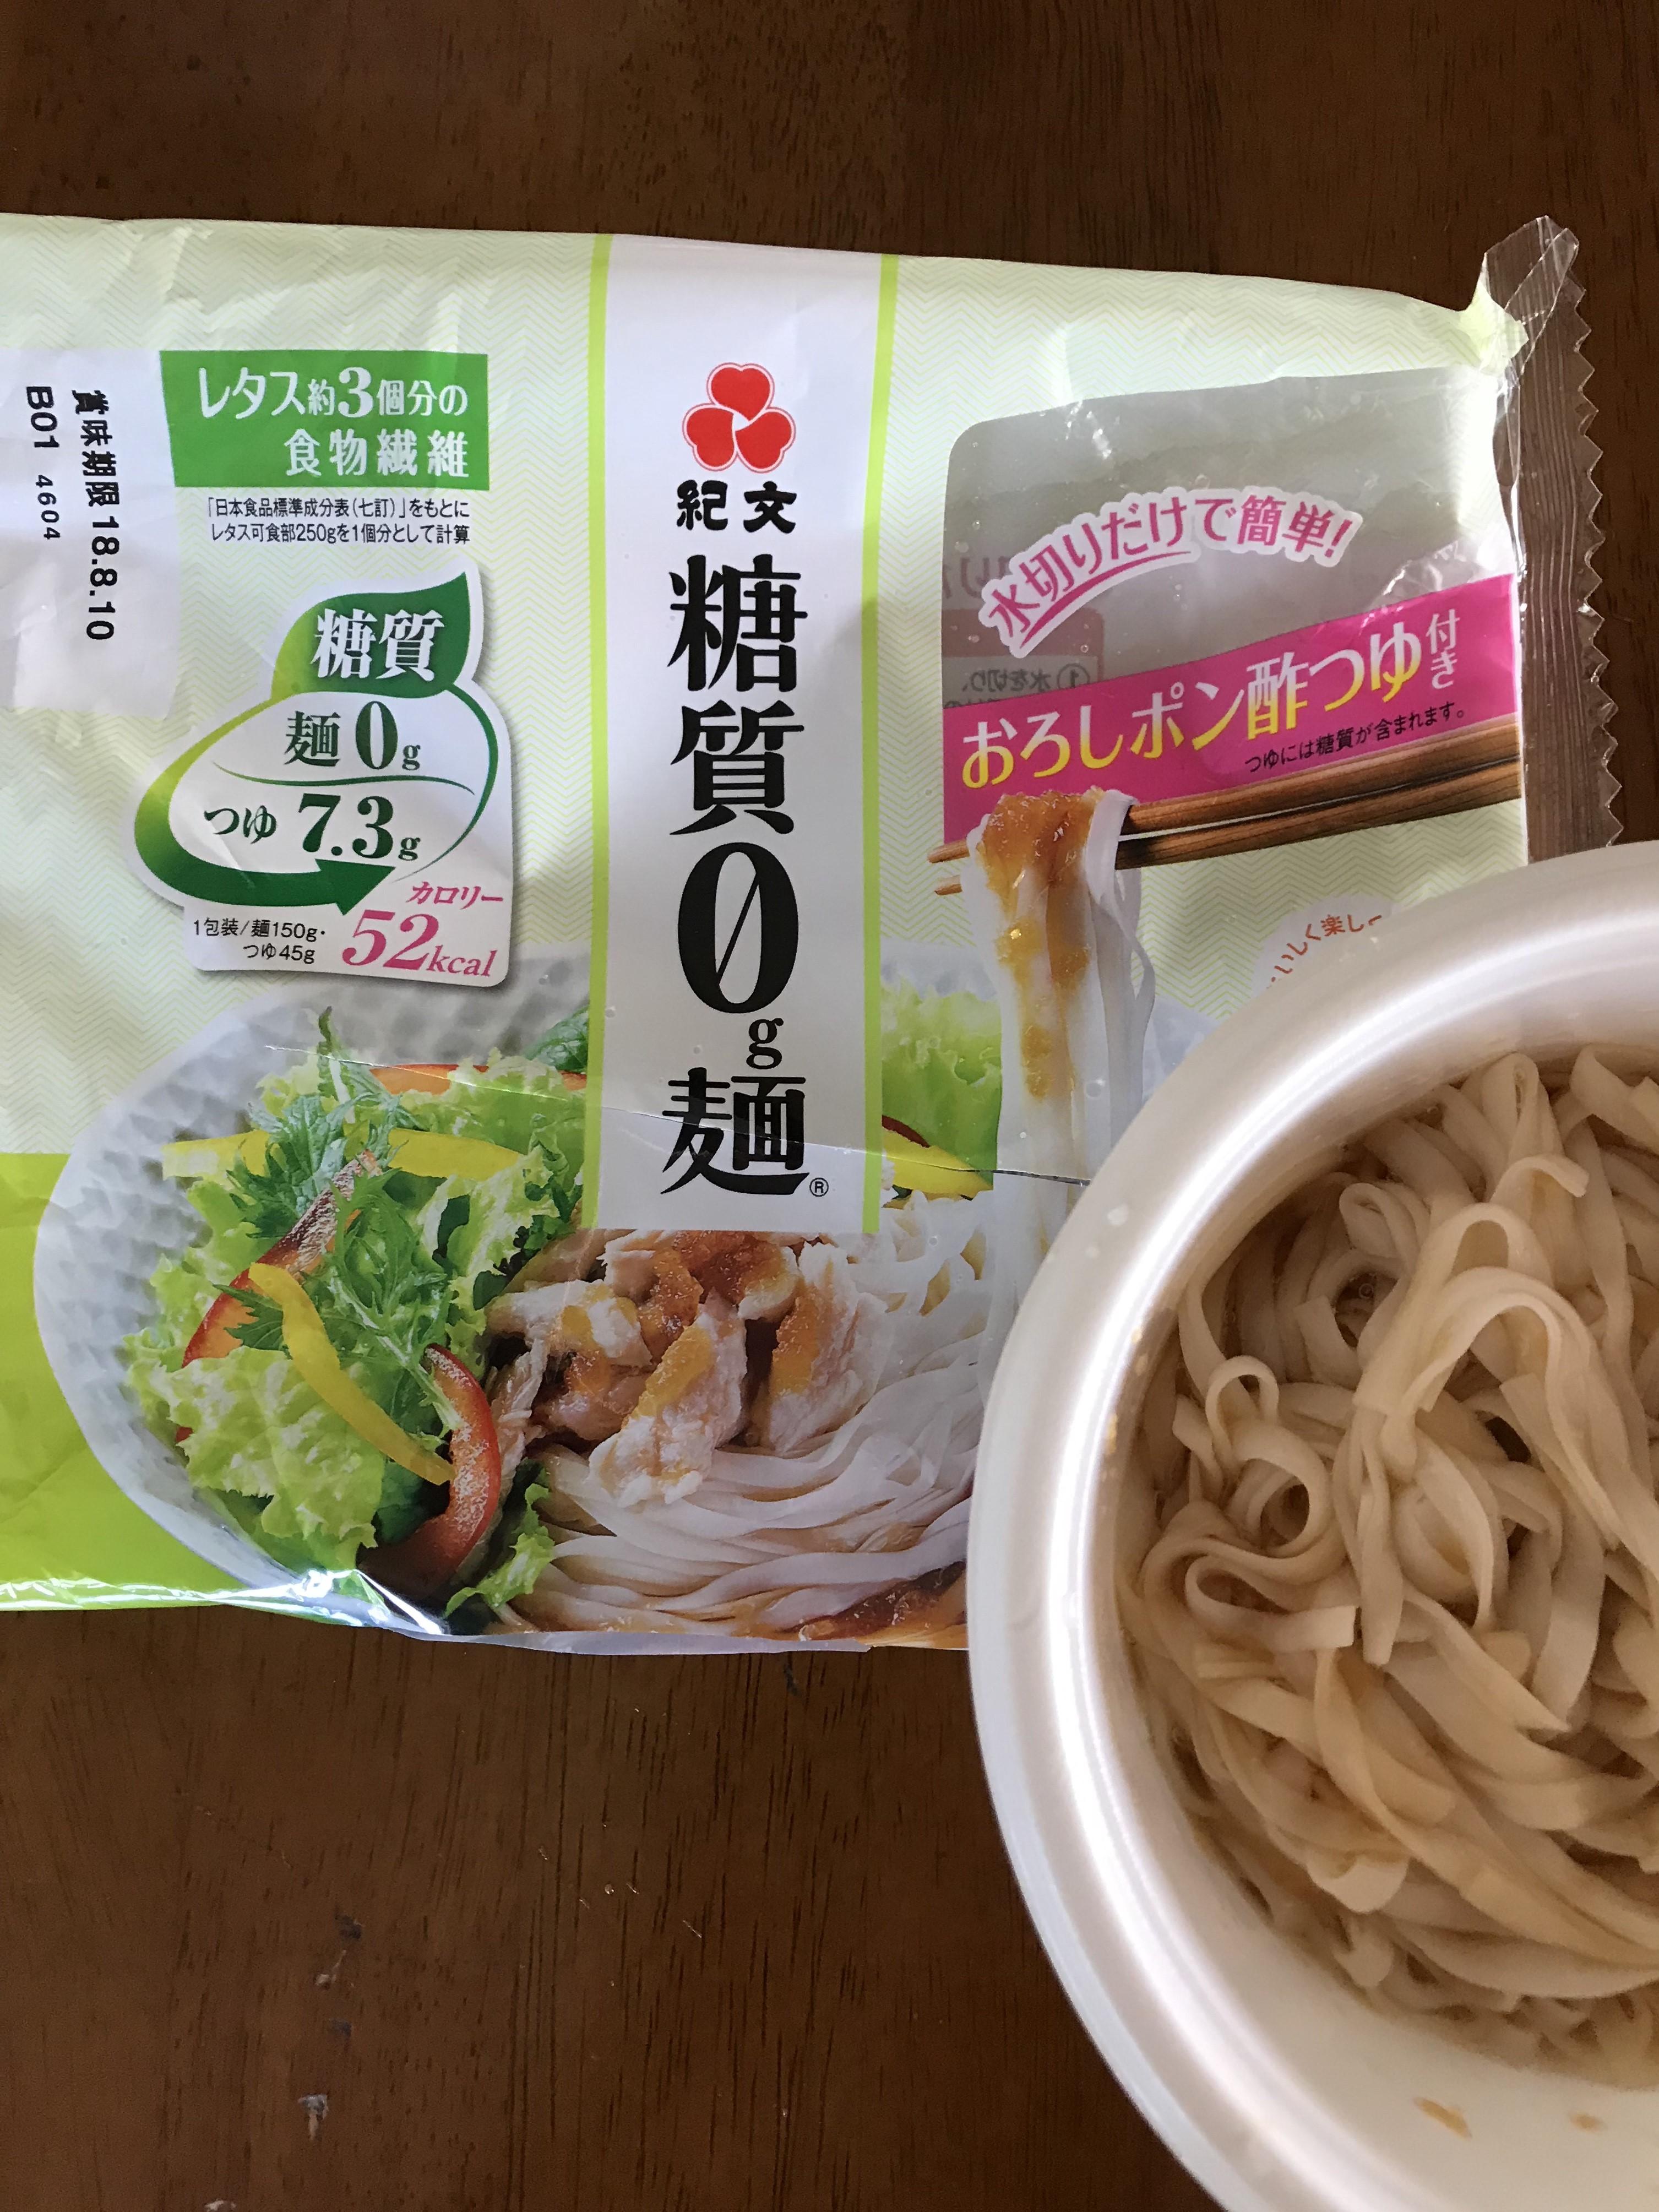 糖質制限中 紀文の糖質ゼロ麺を食べてみた